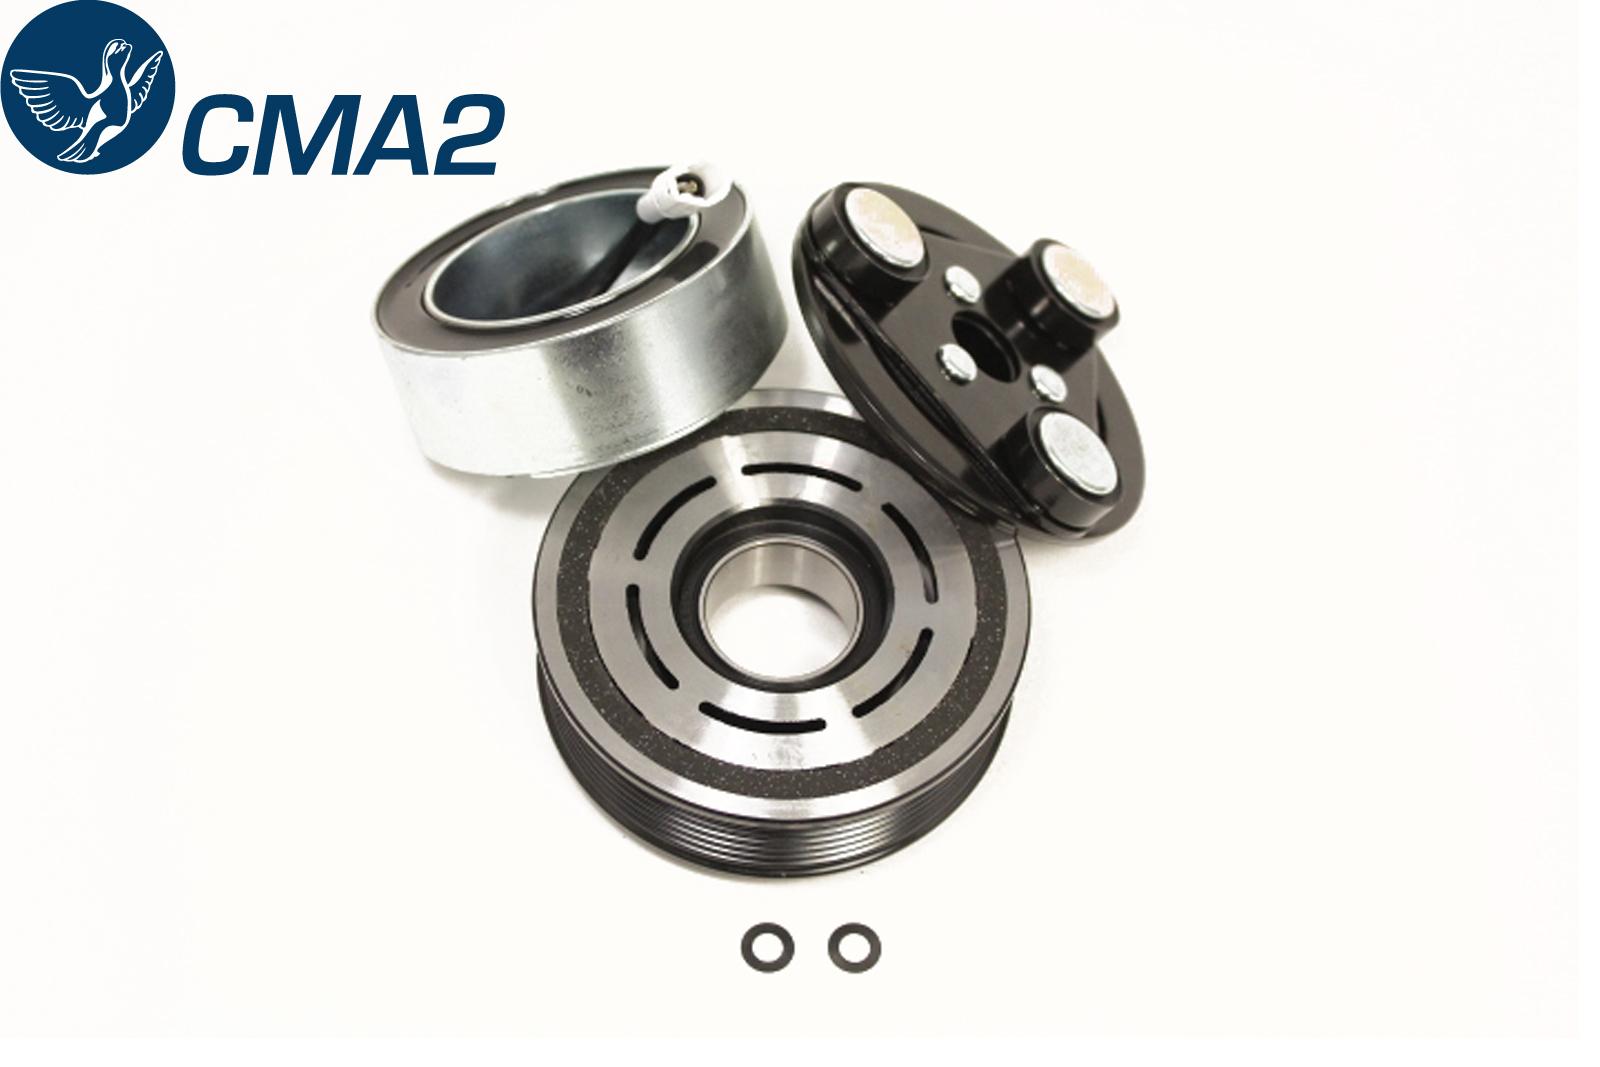 Муфта компрессора кондиционера Мазда СХ-7 (ER) 2.3 Turbo, EG21-61-L20, EG21-61-L30A, EG2161L20, EG2161L30A.